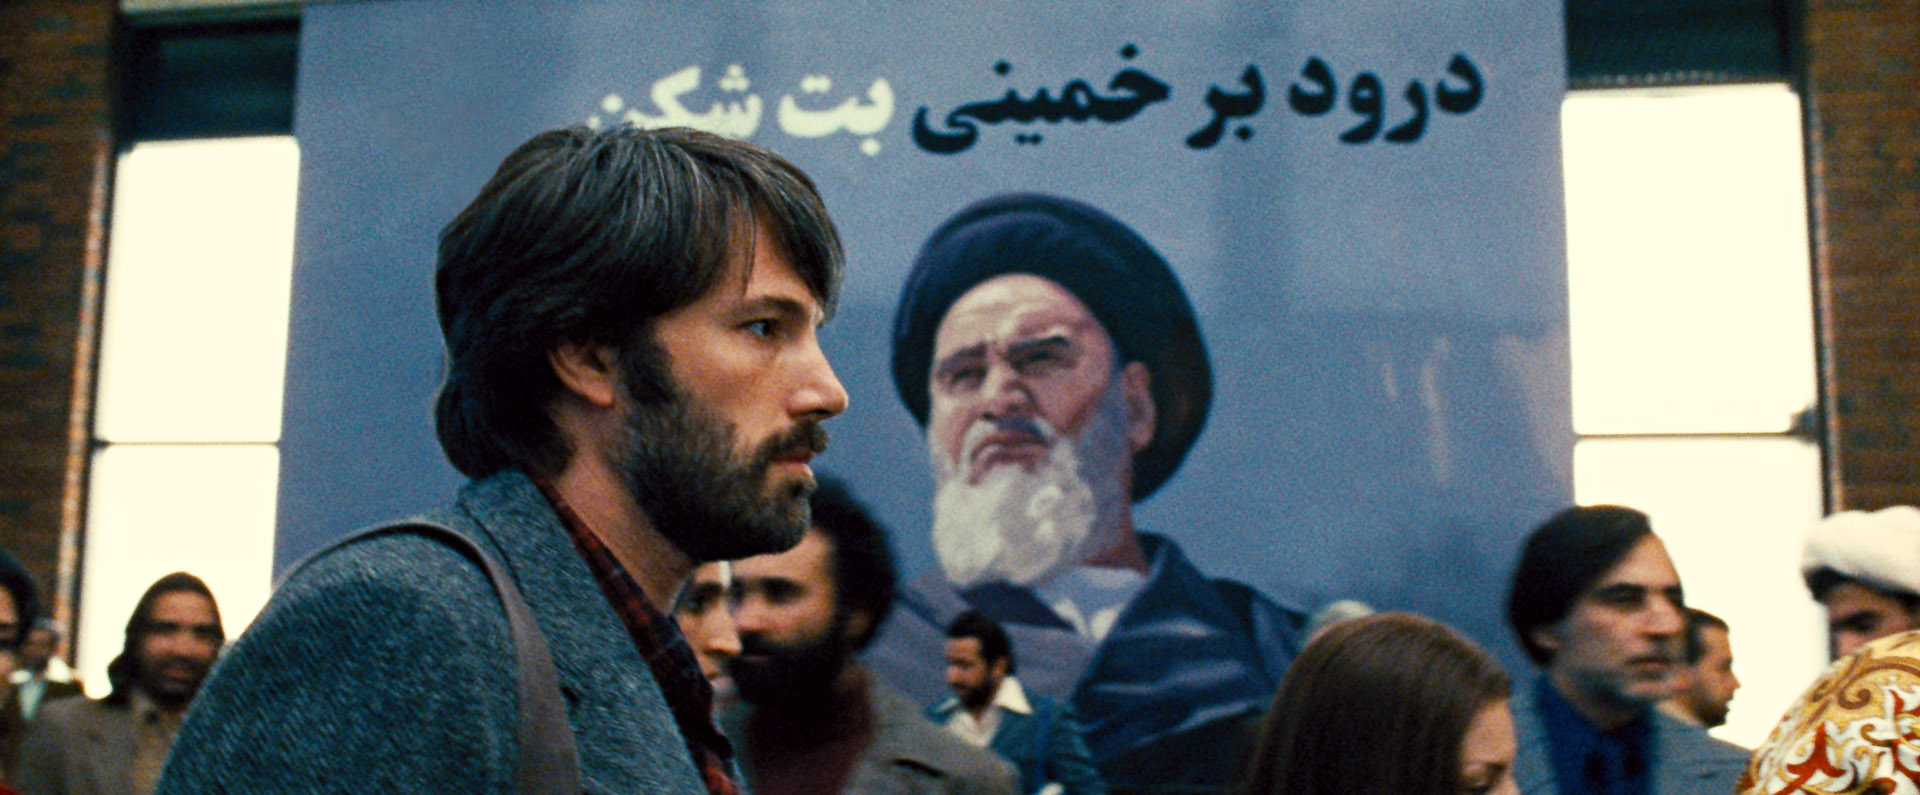 """Ben Affleck: """"Desde que leí el guión de Argo dije quiero hacer la película""""."""